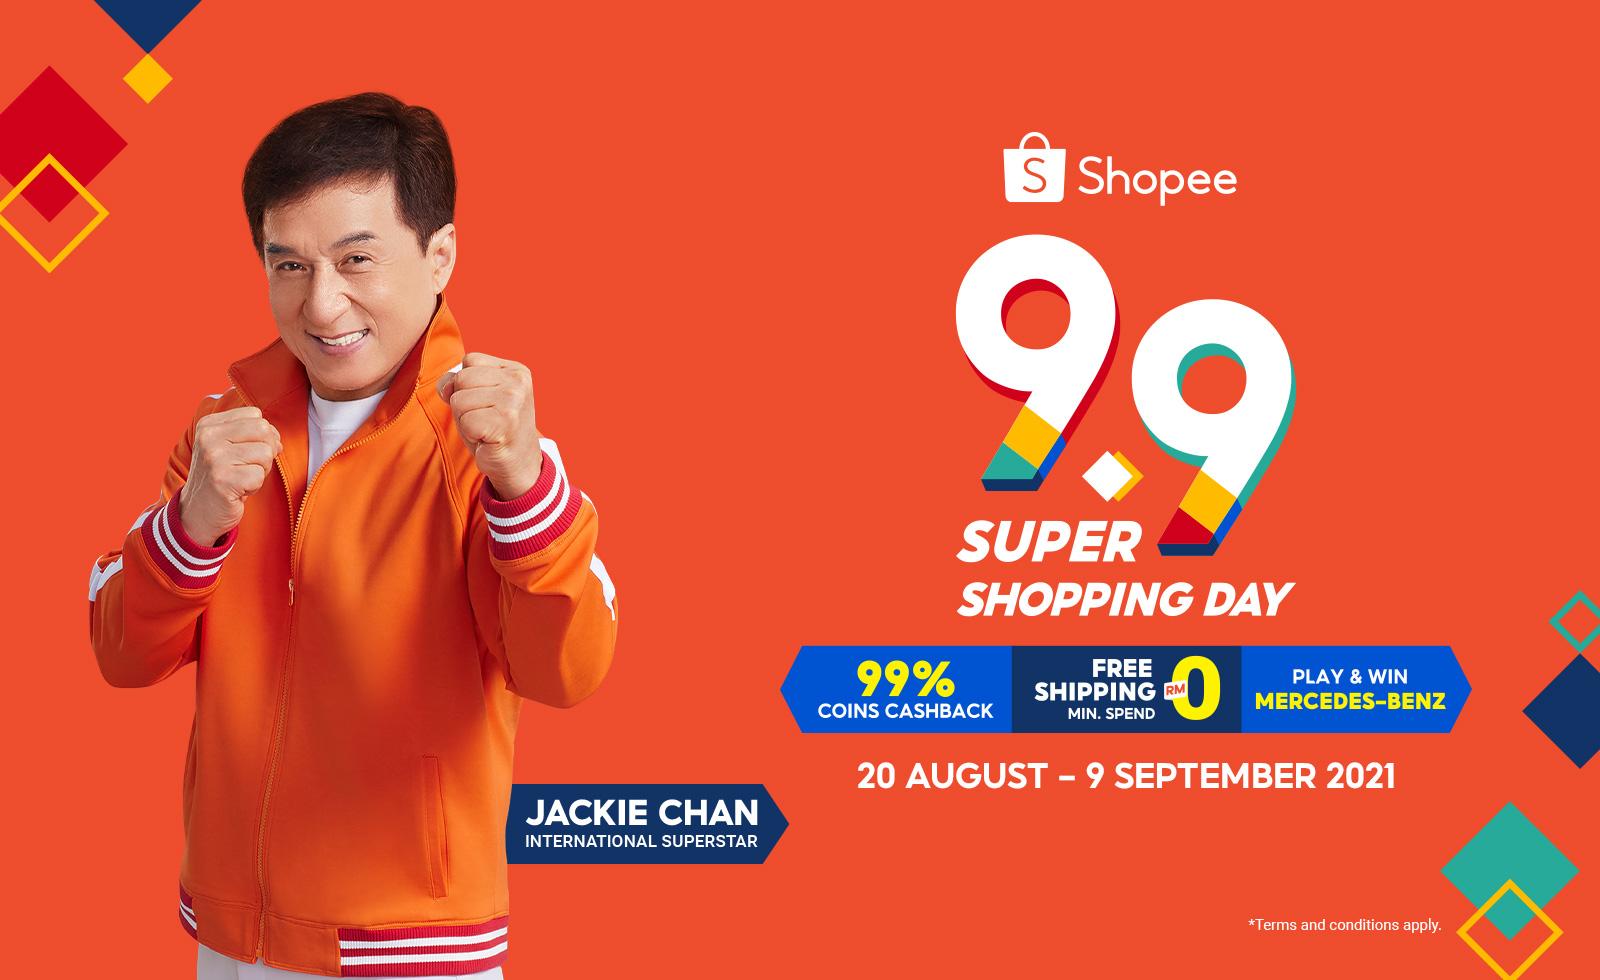 """从8月20日起至9月9日""""9.9超级购物节""""盛大举行,成龙大哥将为消费者传授购物技巧!-Shopee提供-"""